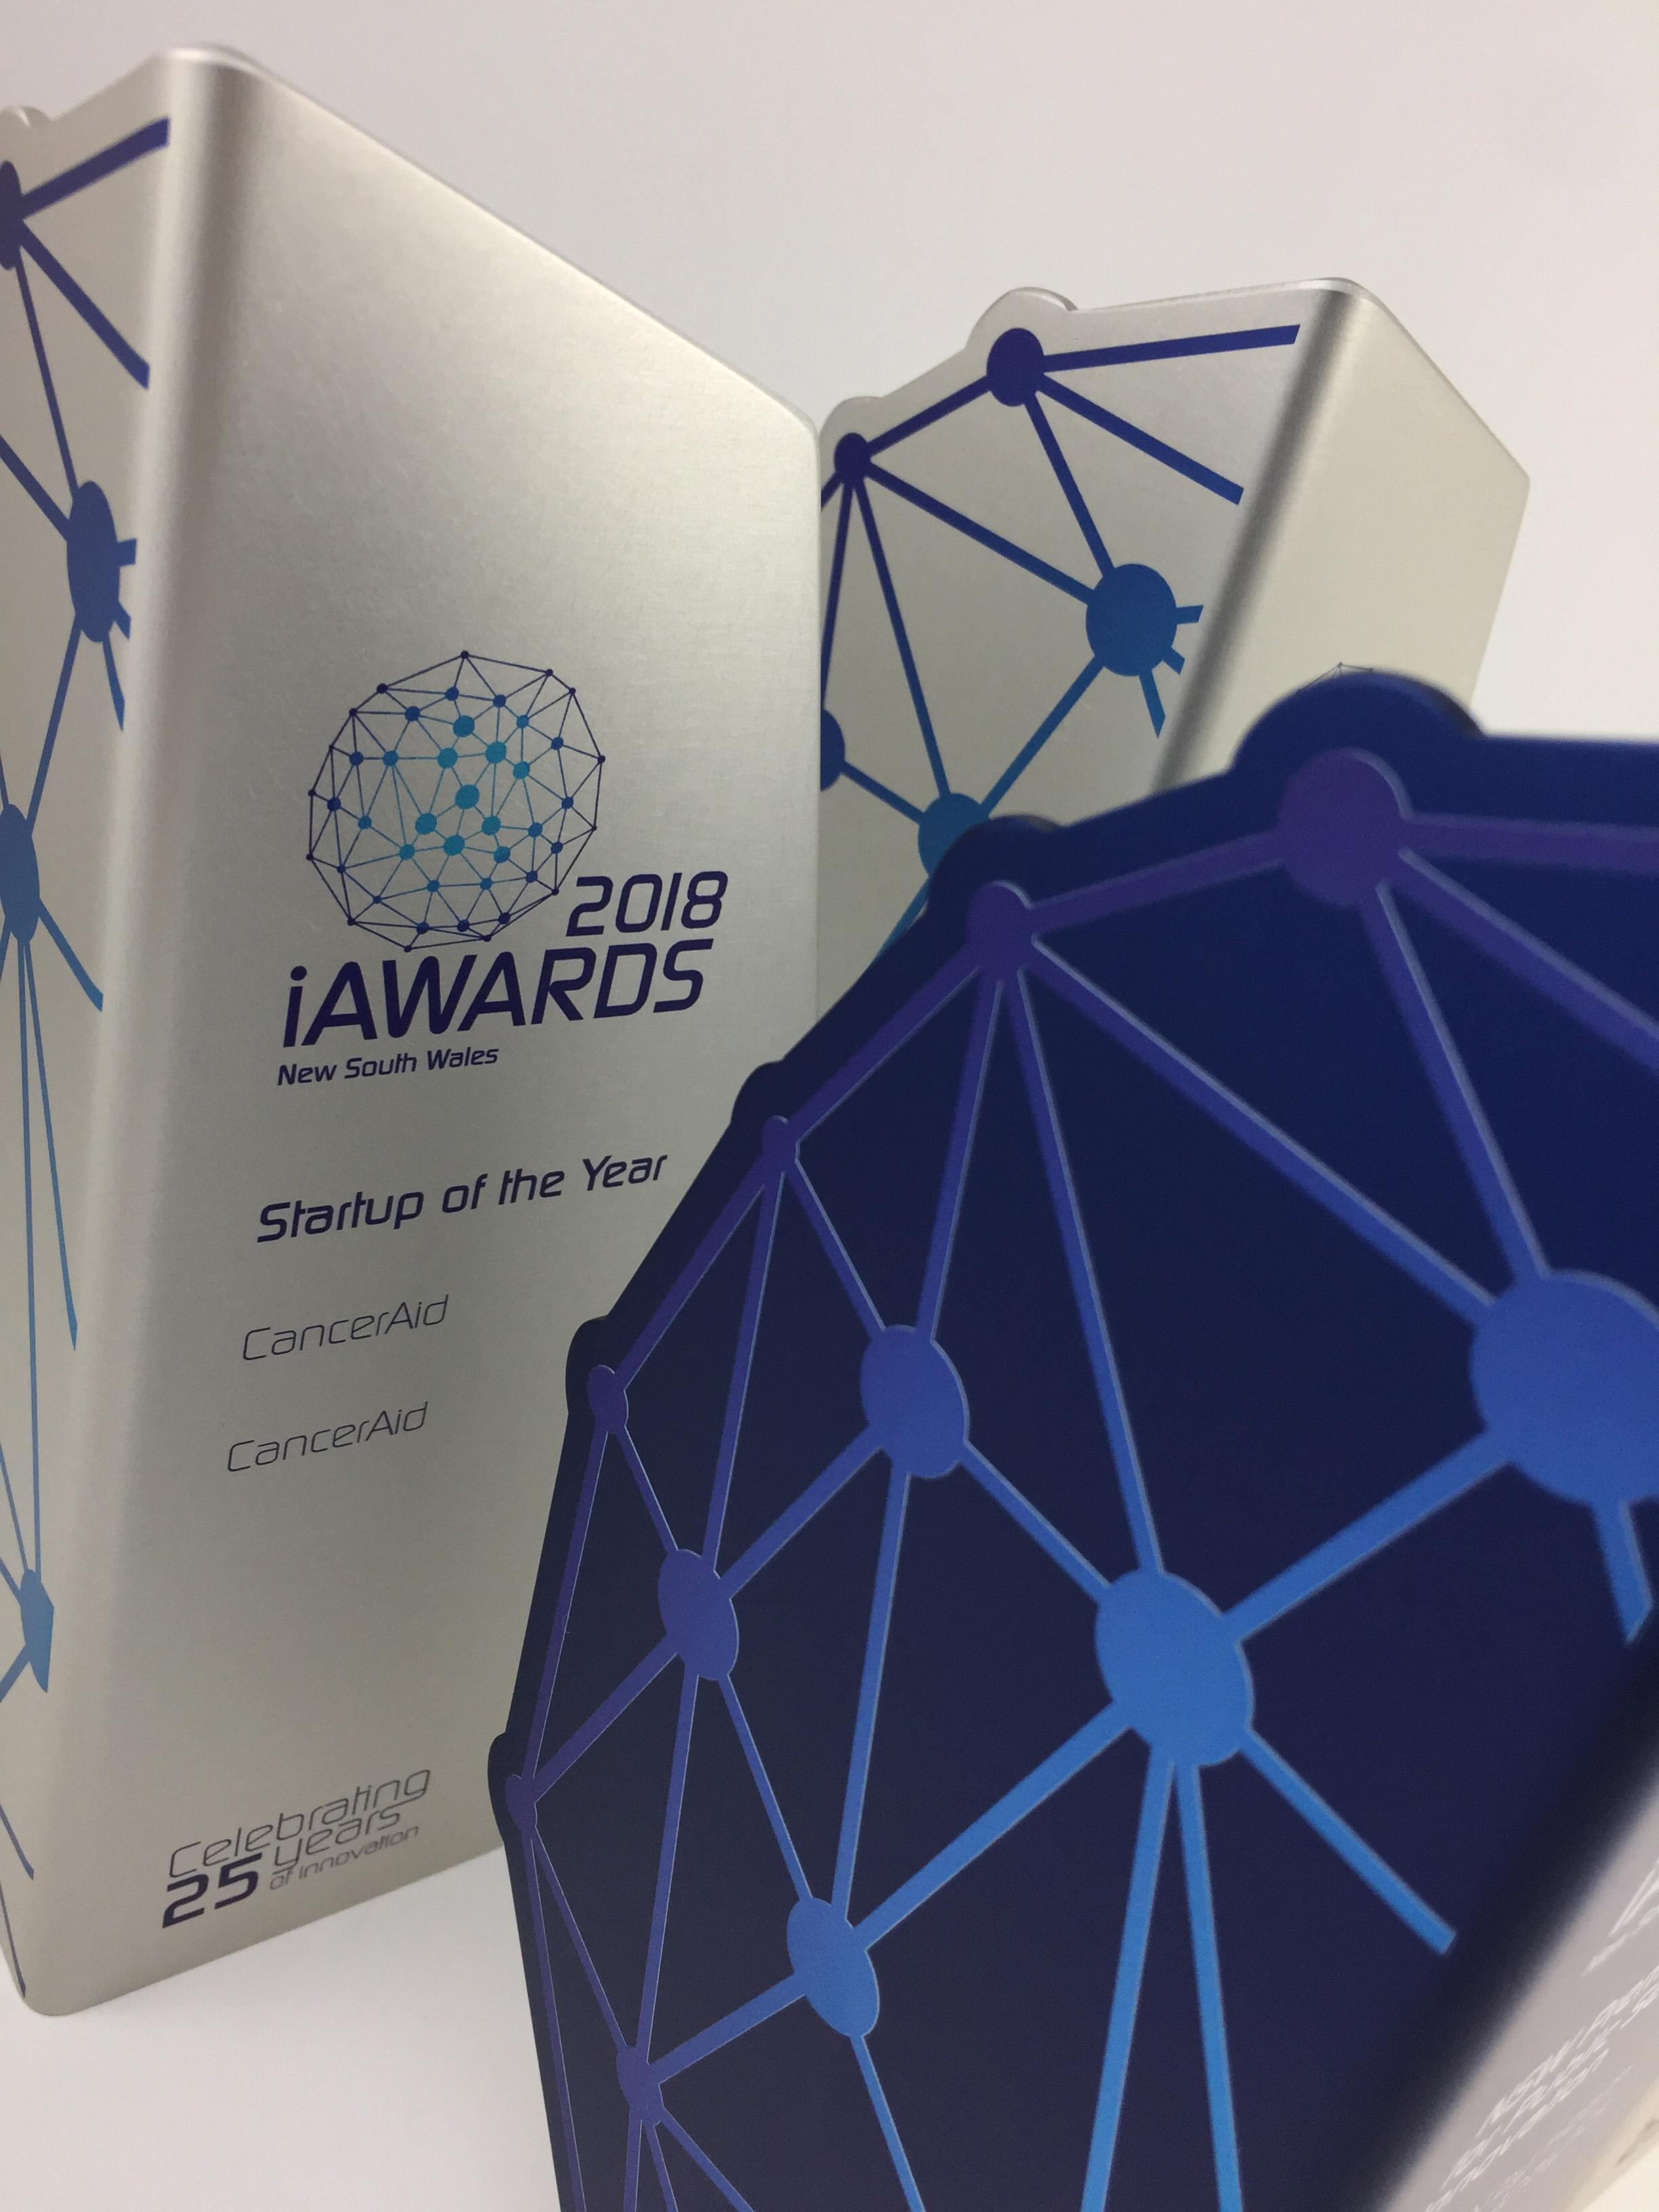 iawards-innovation-awards-2018-metal-trophy-03.jpg